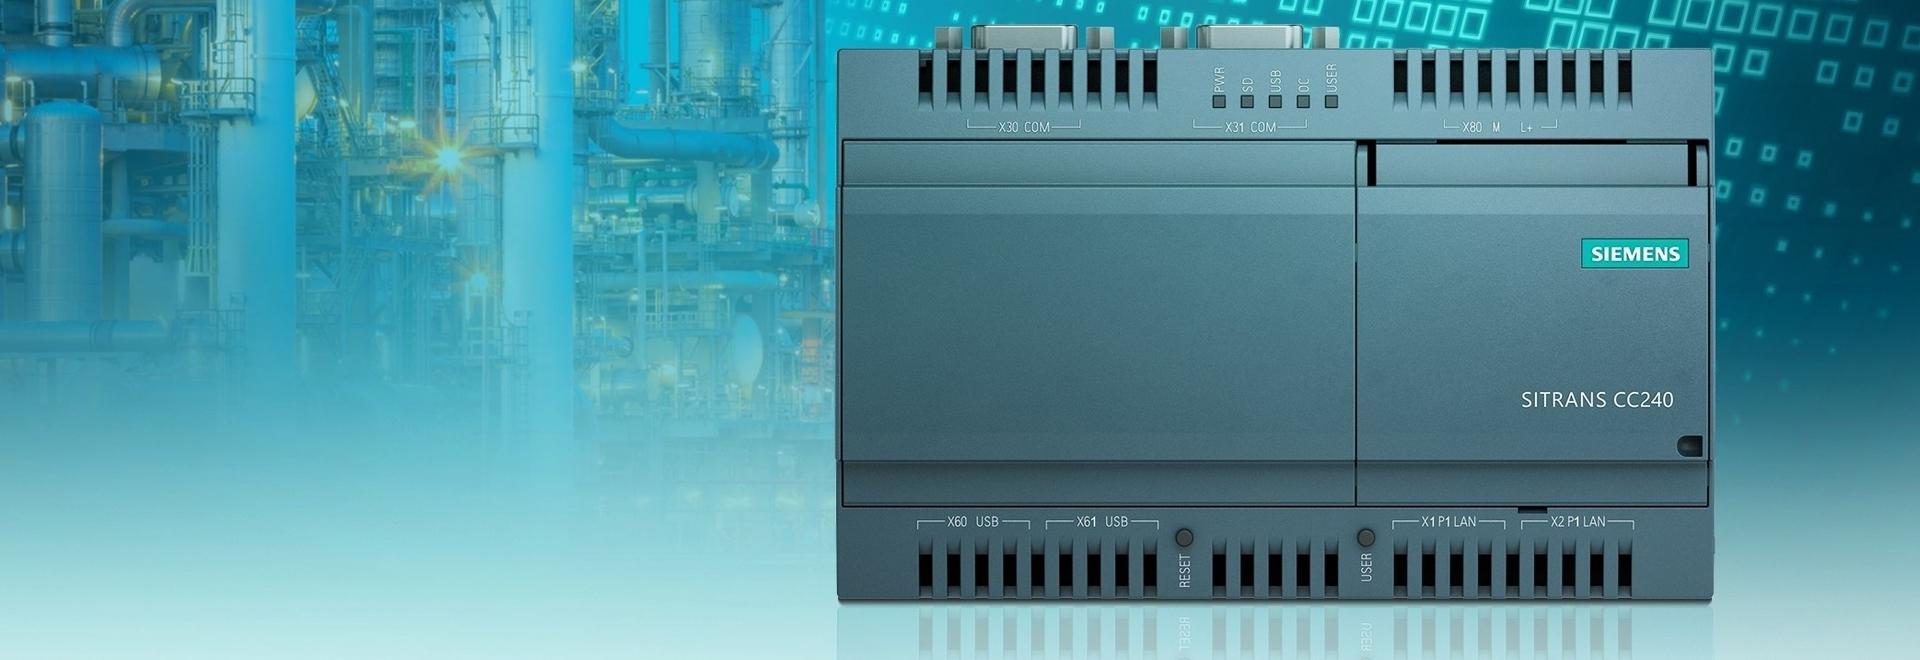 IOT Gateway Sitrans CloudConnect 240